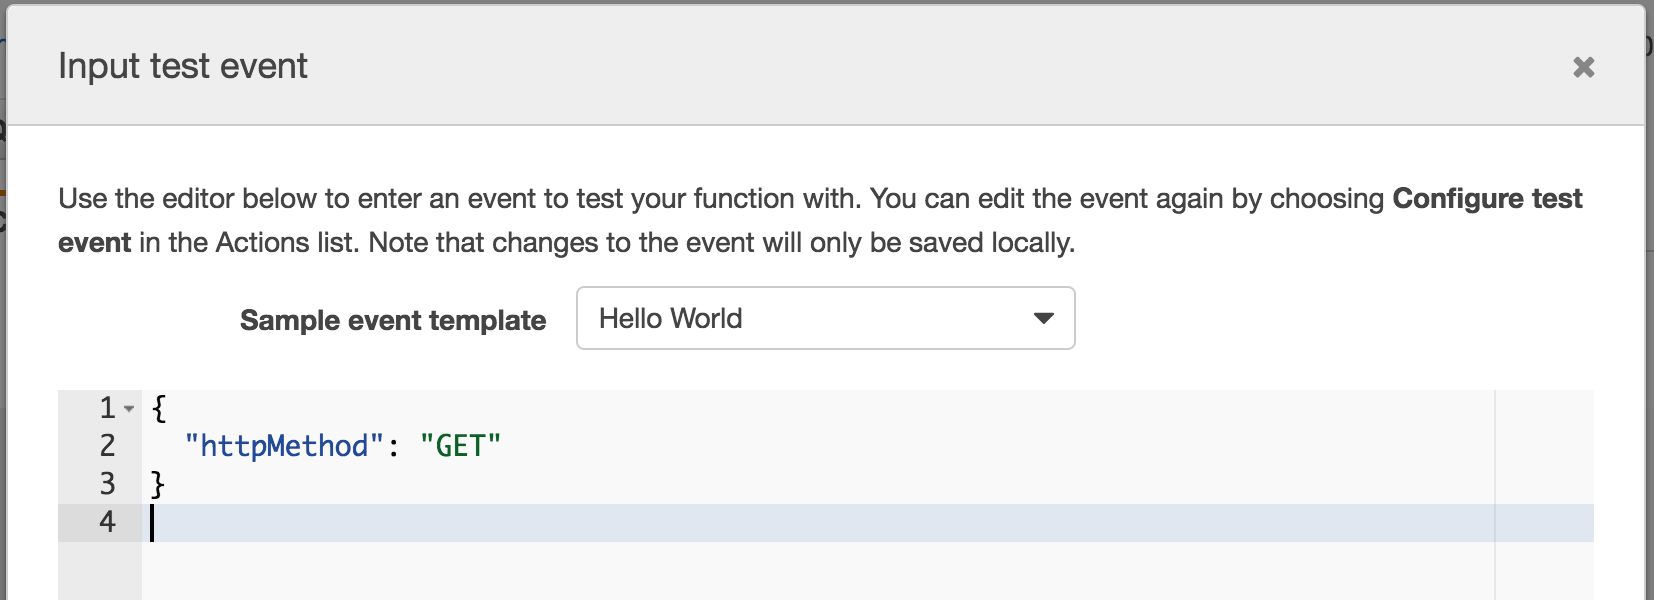 dexterlabora/cmxreceiver-lambda-inline: An in-line AWS